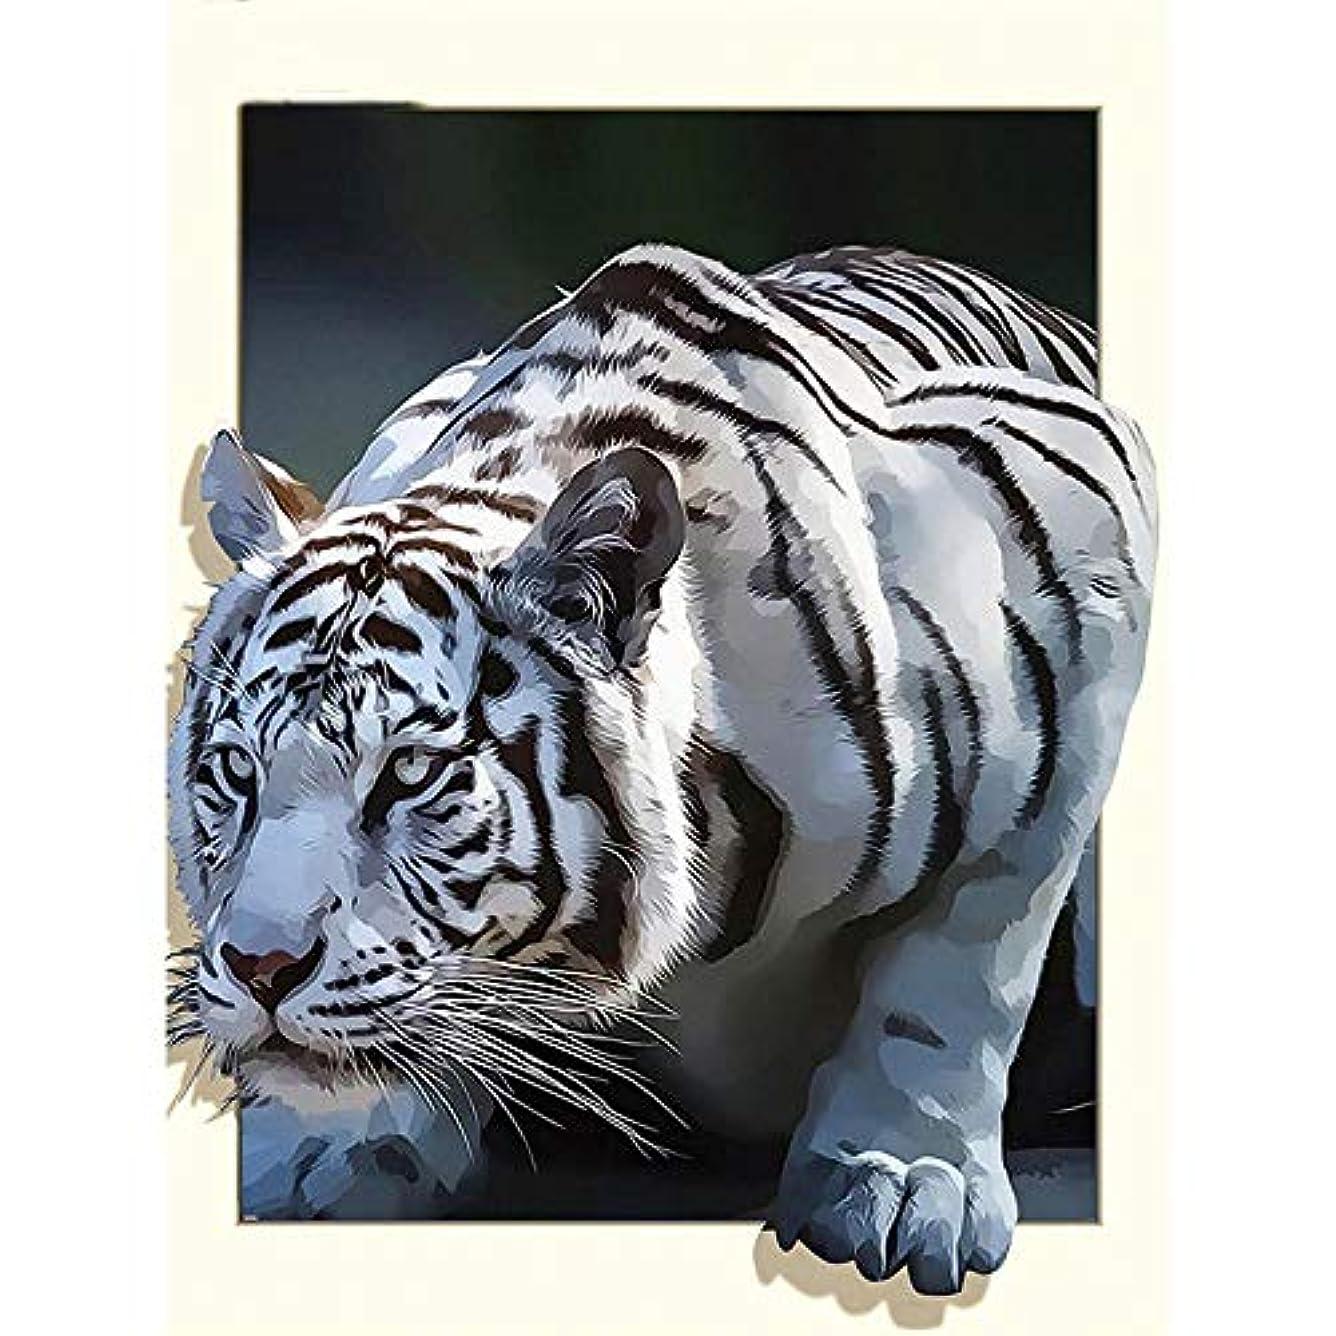 キャスト担保一貫性のないZDDYX デジタル番号付き顔料塗装 5D DIY DIYトラ動物画像装飾ホーム